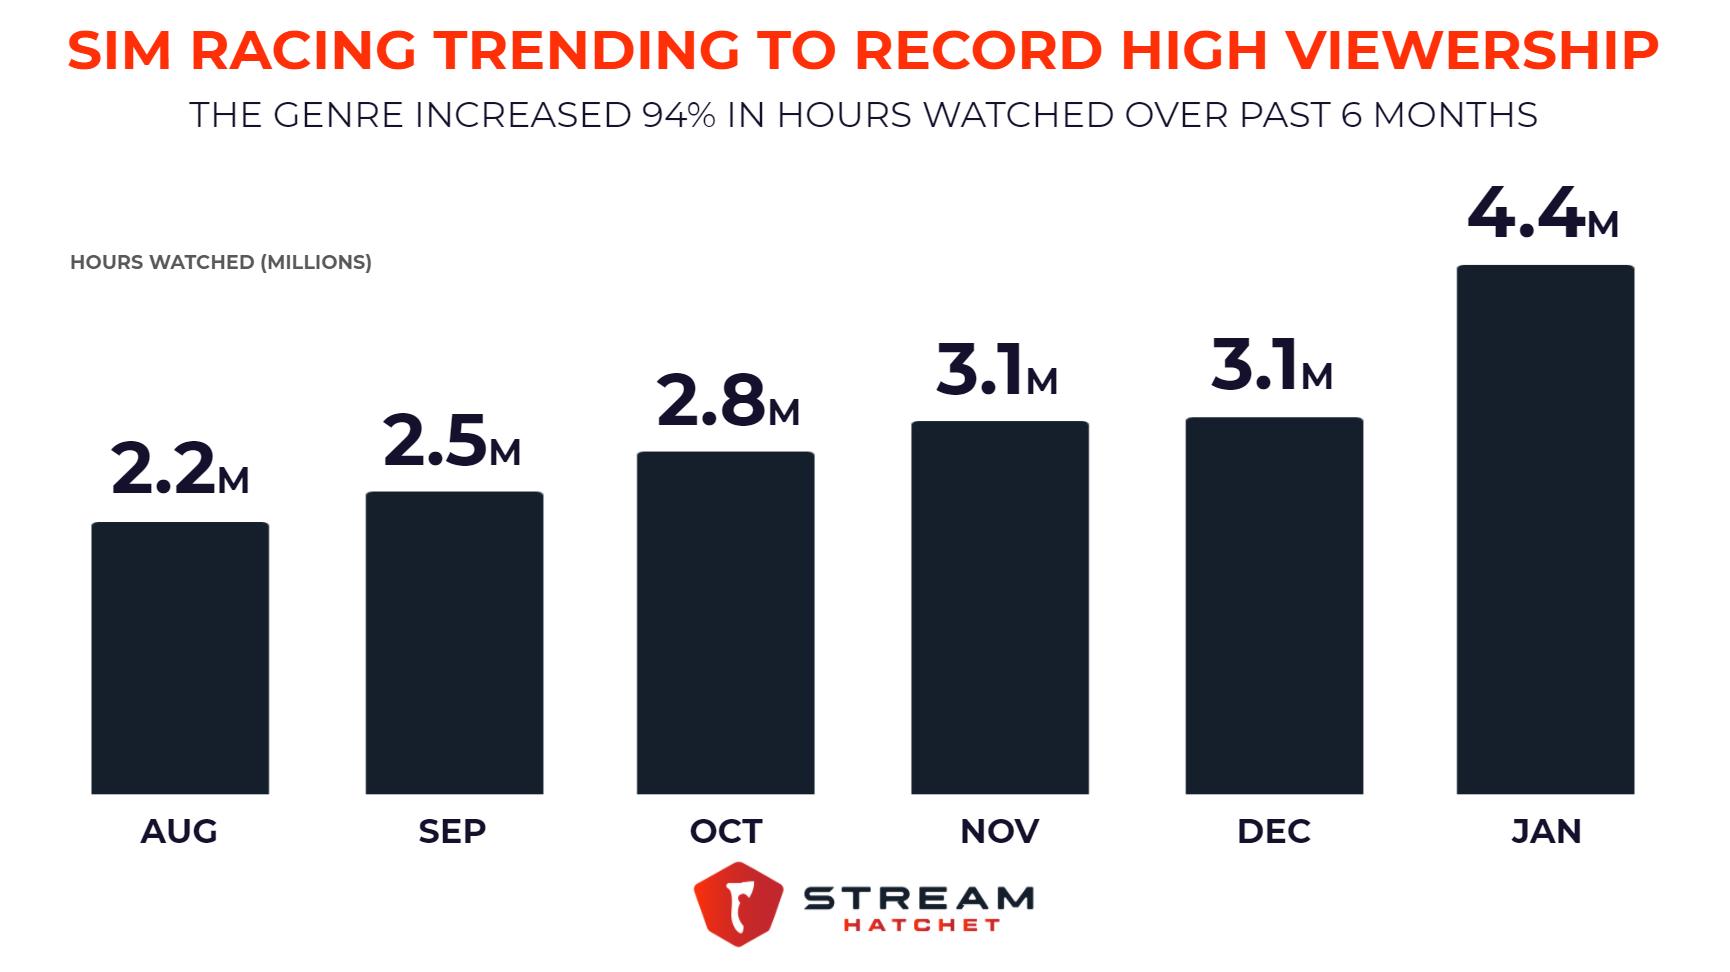 Sim Racing viewership grew 94% in 6 months